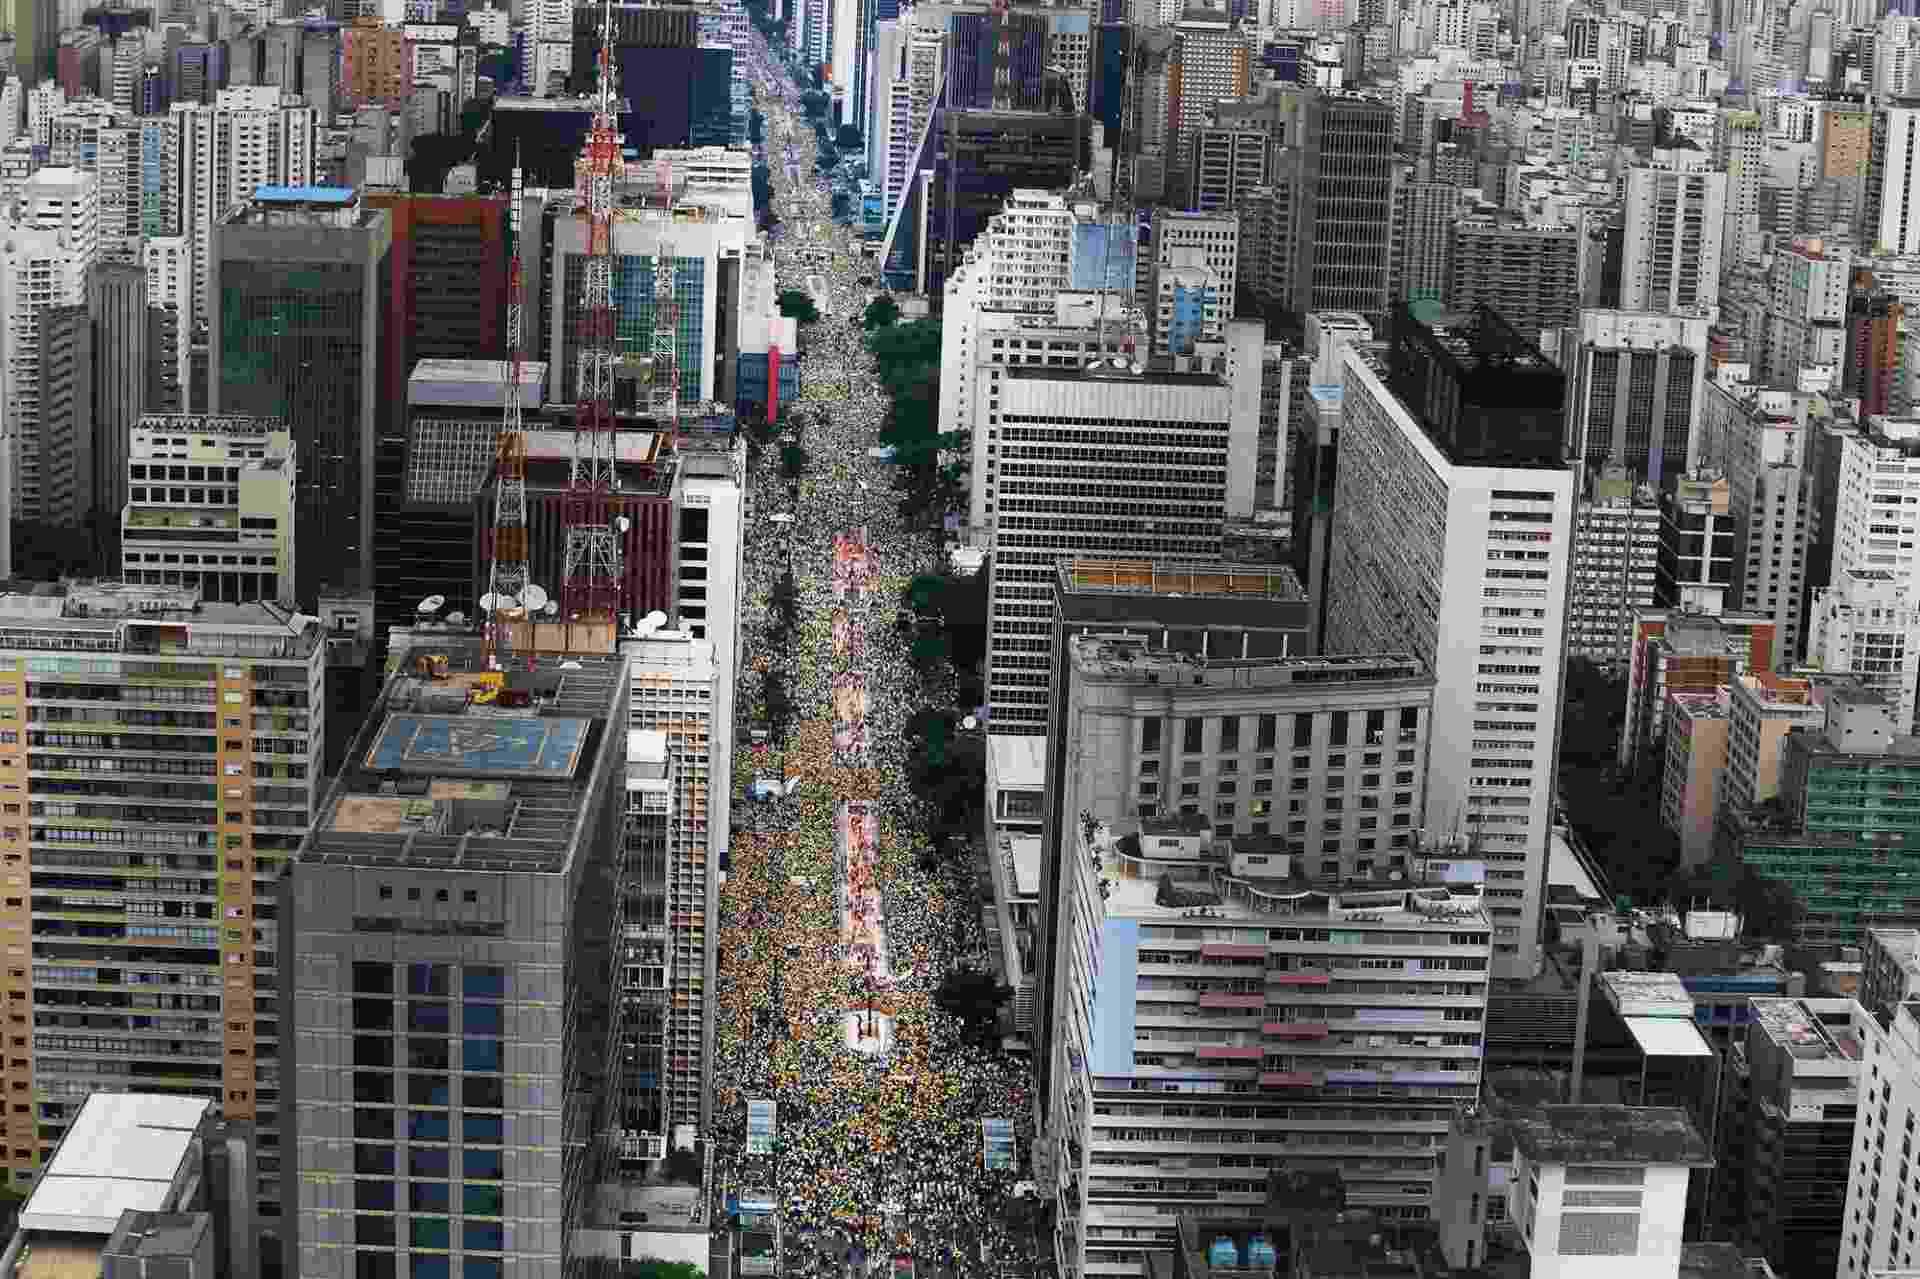 15.mar.2015 - Manifestantes lotam a avenida Paulista, em São Paulo, em protesto que pede o impeachment da presidente Dilma Rousseff. Diversas cidades do país recebem neste domingo (15) manifestações organizadas para criticar o governo - Jorge Araújo/Folhapress